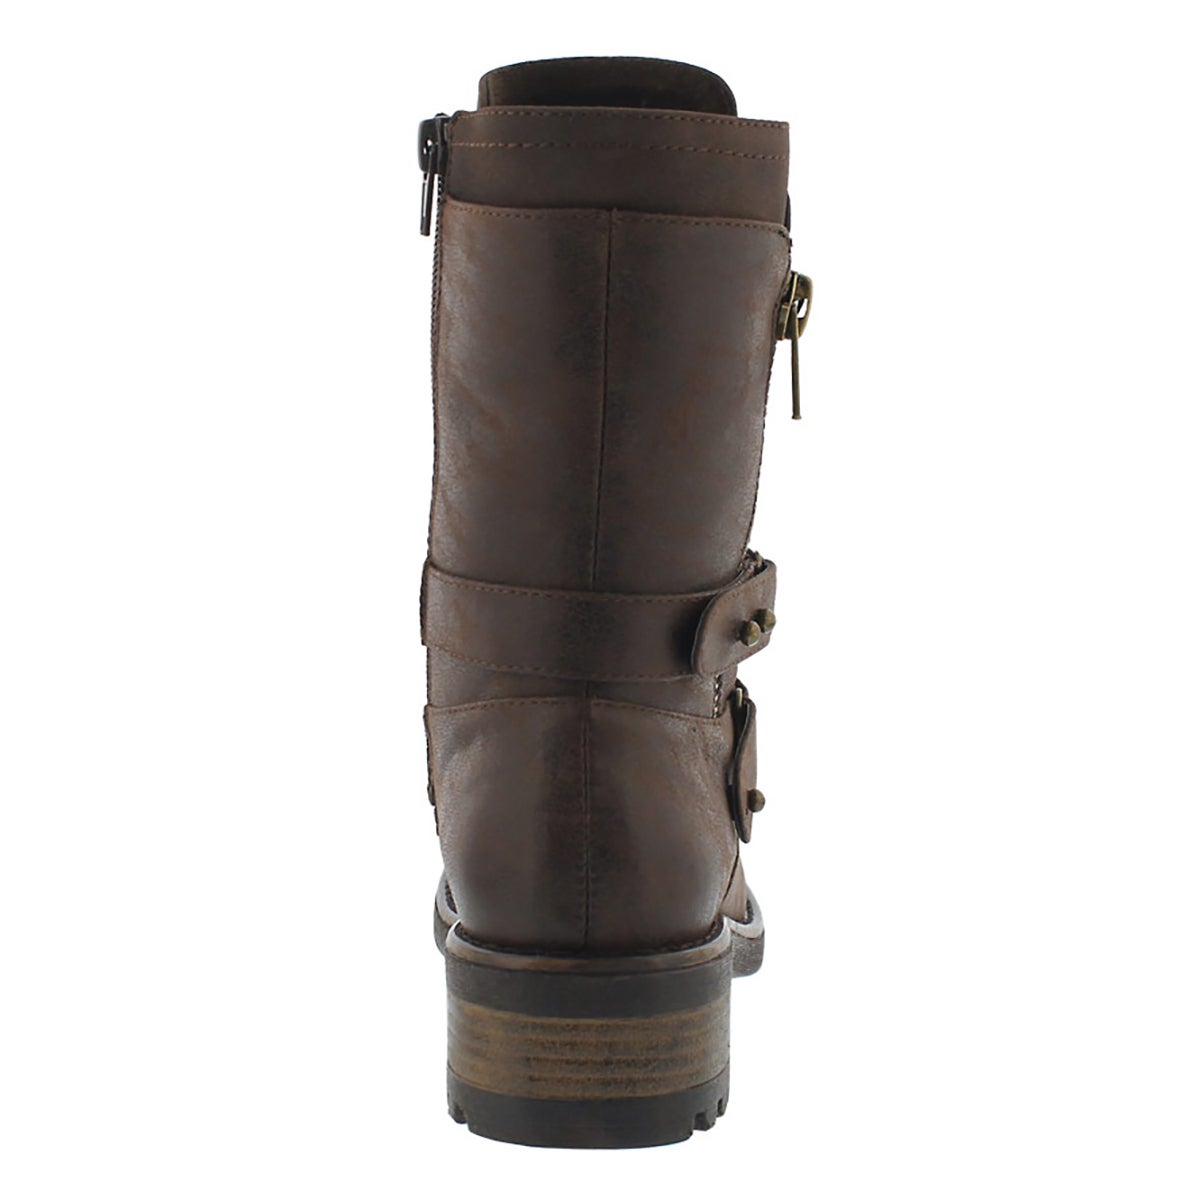 Lds Bex dk brn lace up combat boot